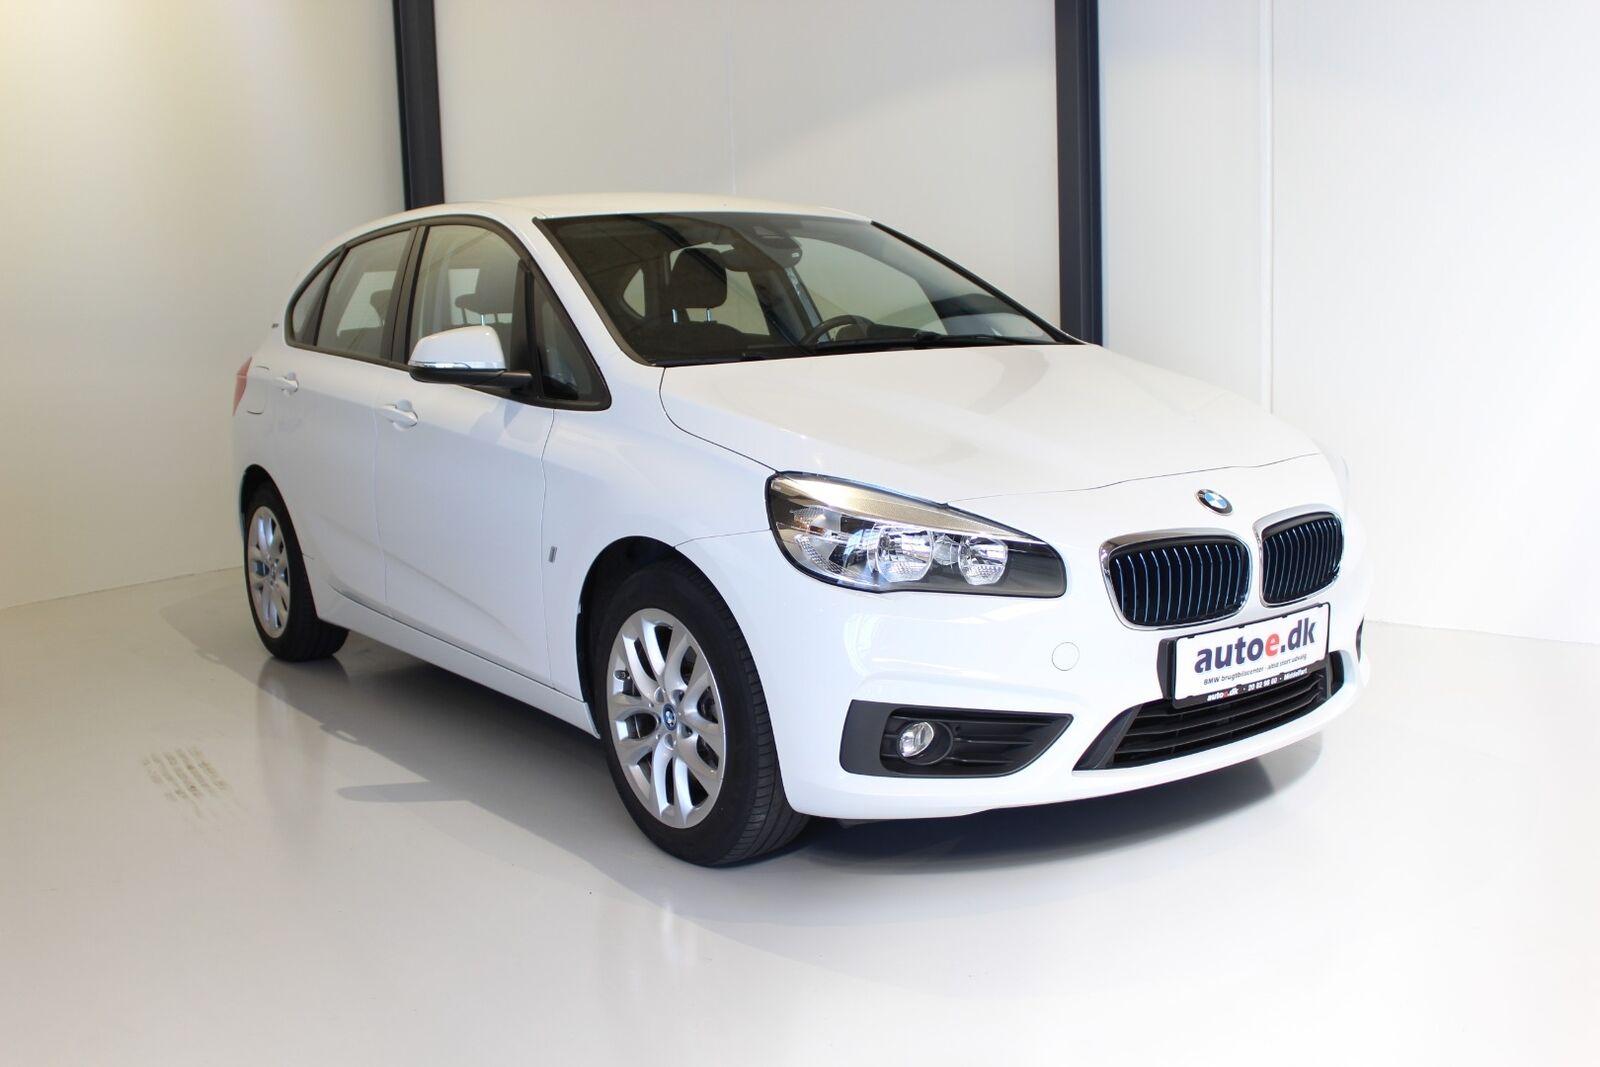 BMW 225xe 1,5 Active Tourer Advantage aut. 5d - 249.800 kr.